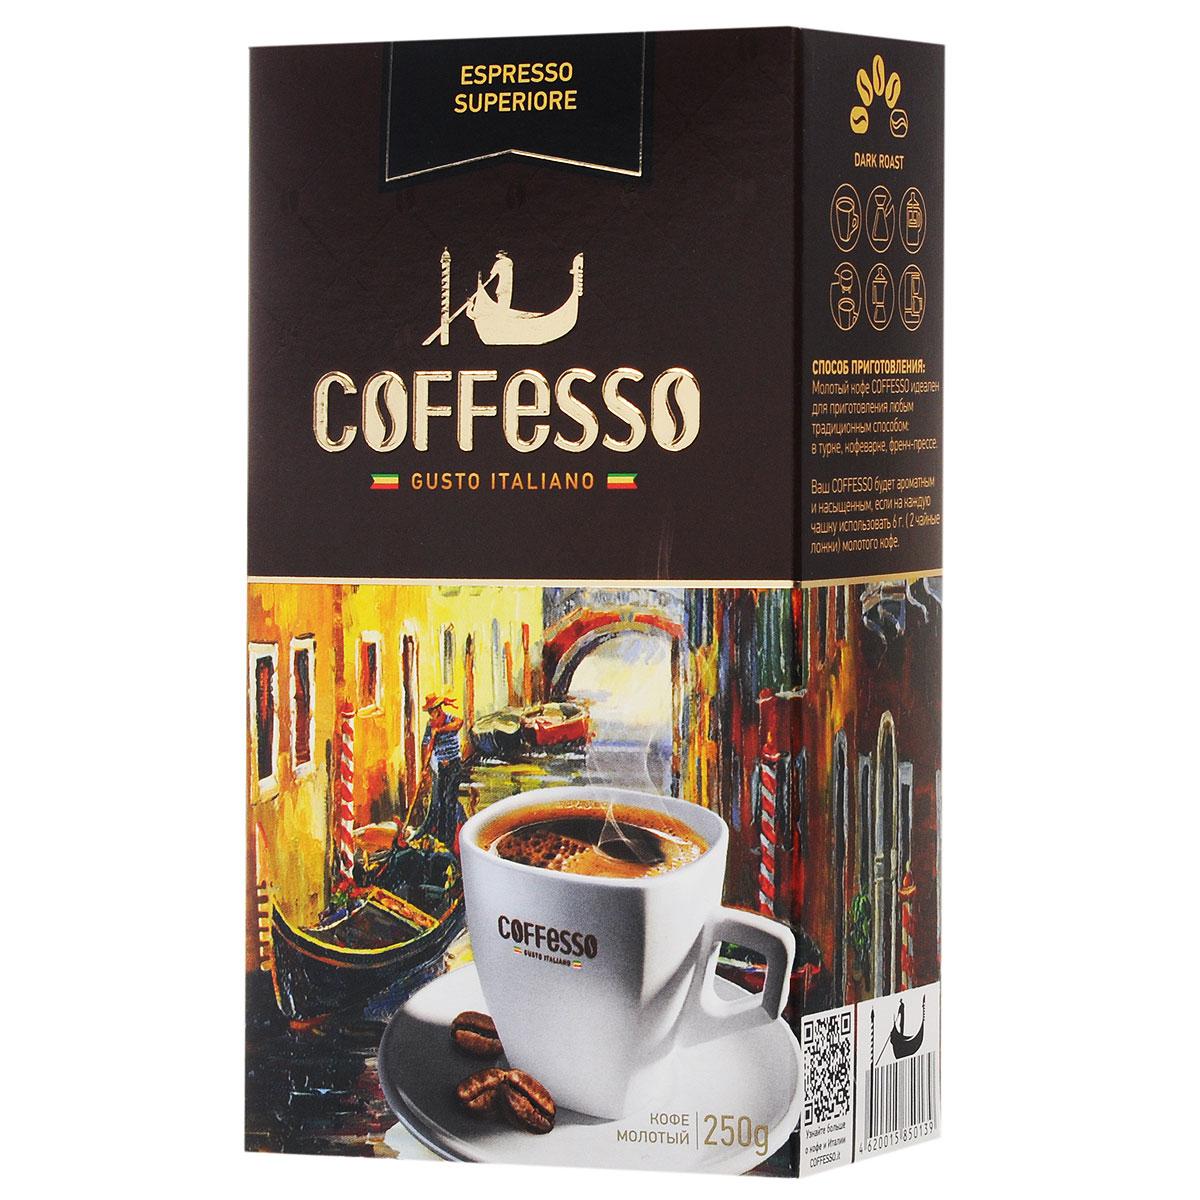 Coffesso Espresso Superiore кофе молотый, 250 г710000Coffesso Espresso Superiore - гармоничное сочетание южноамериканской арабики и робусты с насыщенным ароматом и богатым послевкусием.